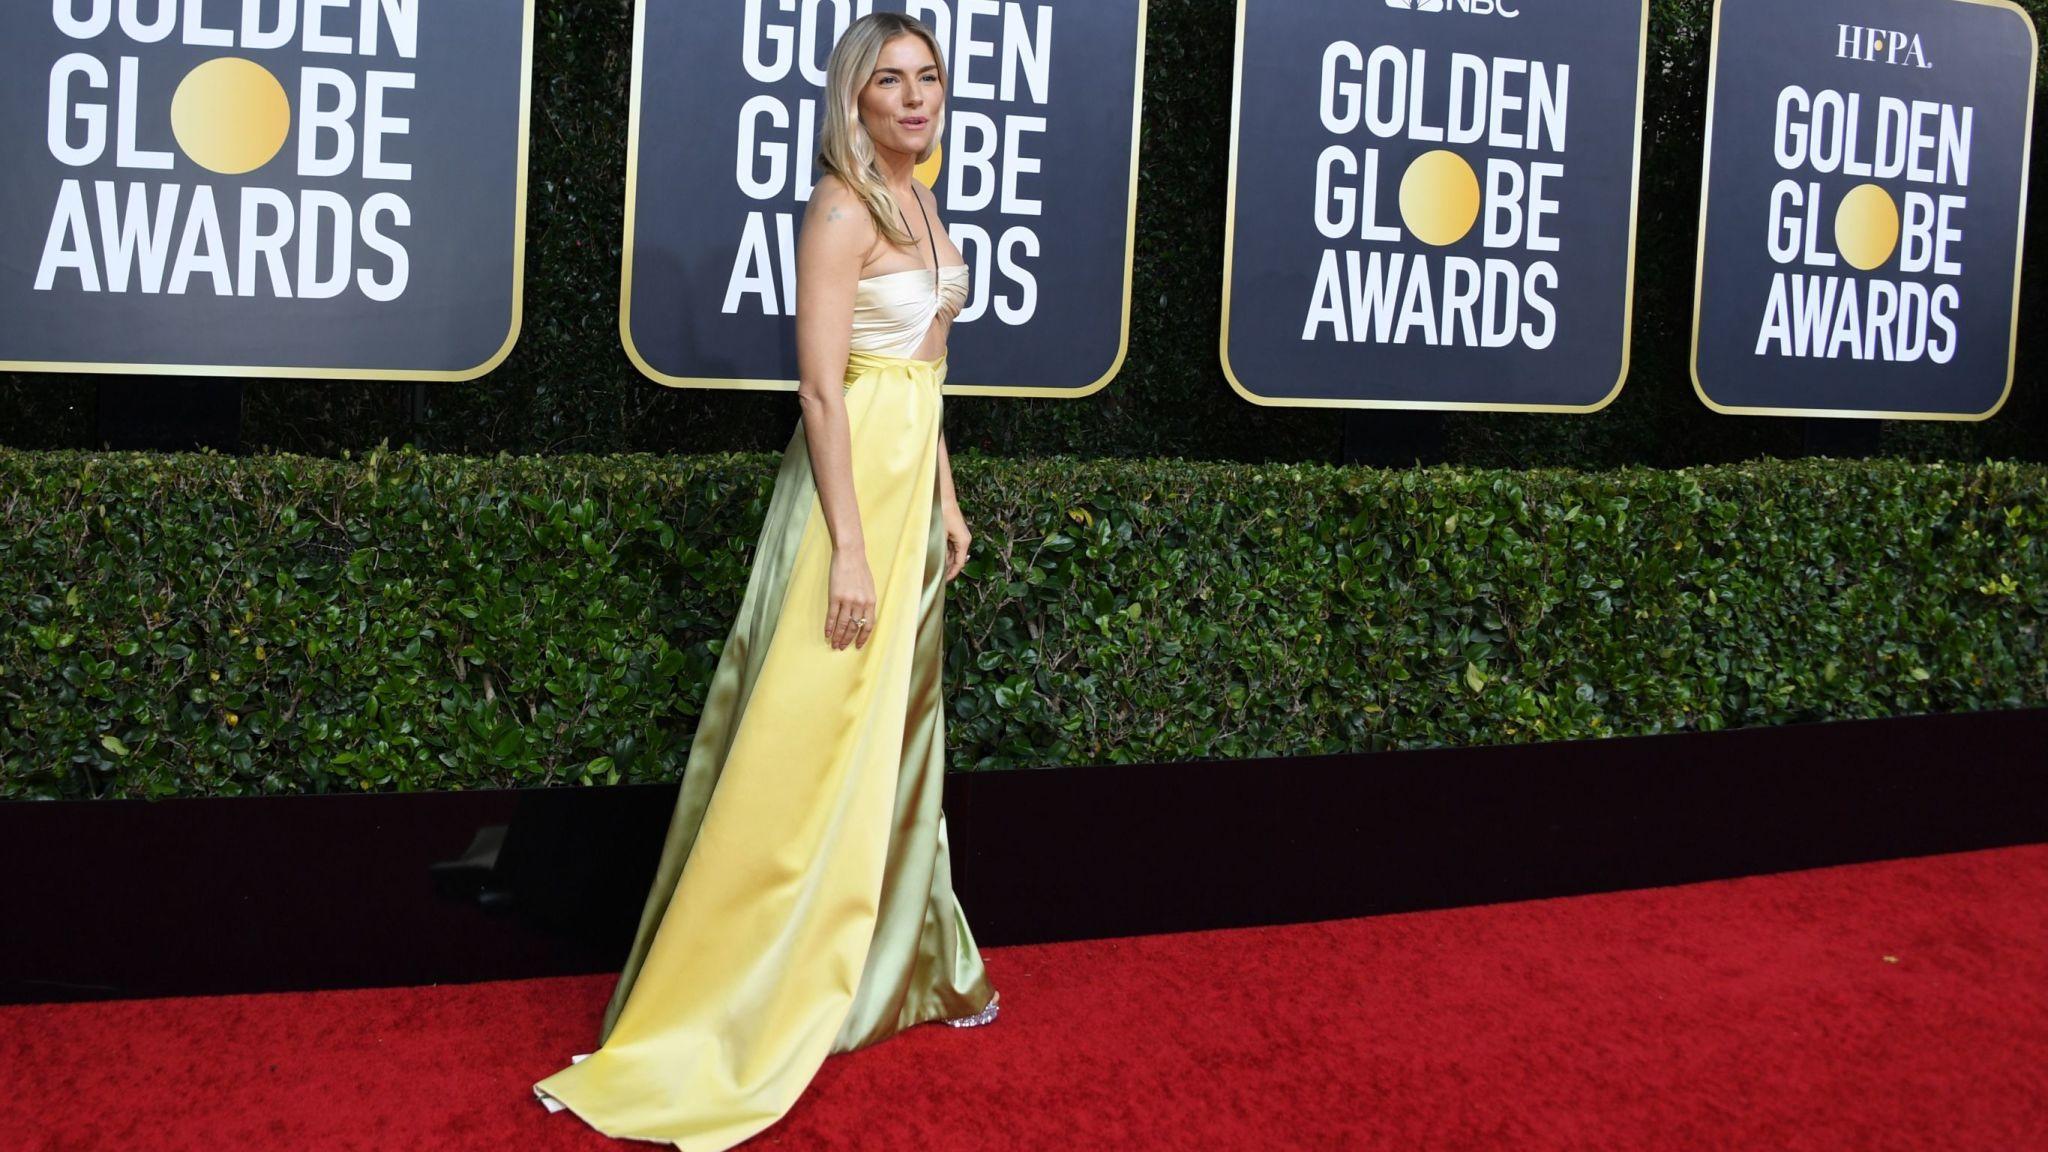 Golden Globes 2020 - Sienna Miller